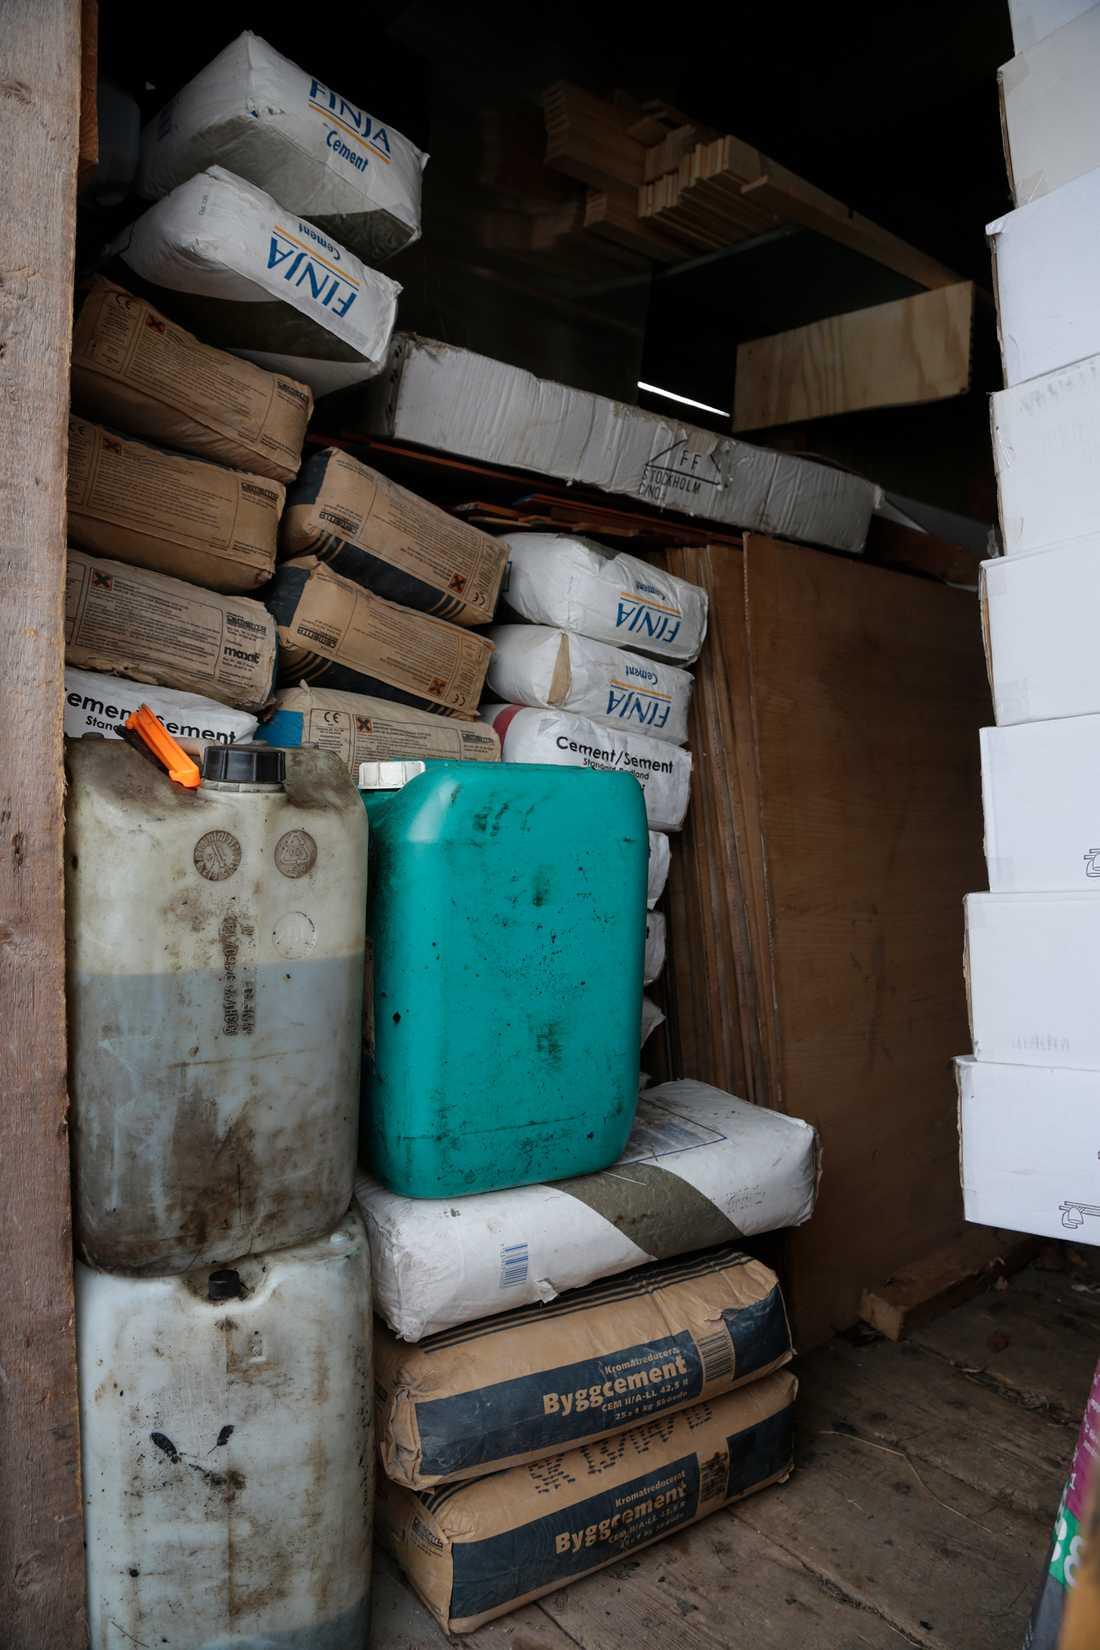 När Aftonbladet besöker tomten där tillslaget gjordes finns mängder av byggmaterial på hyllorna i förrådet. Där ligger cement, kakel och på en släpvagn utanför står färgburkar staplade.